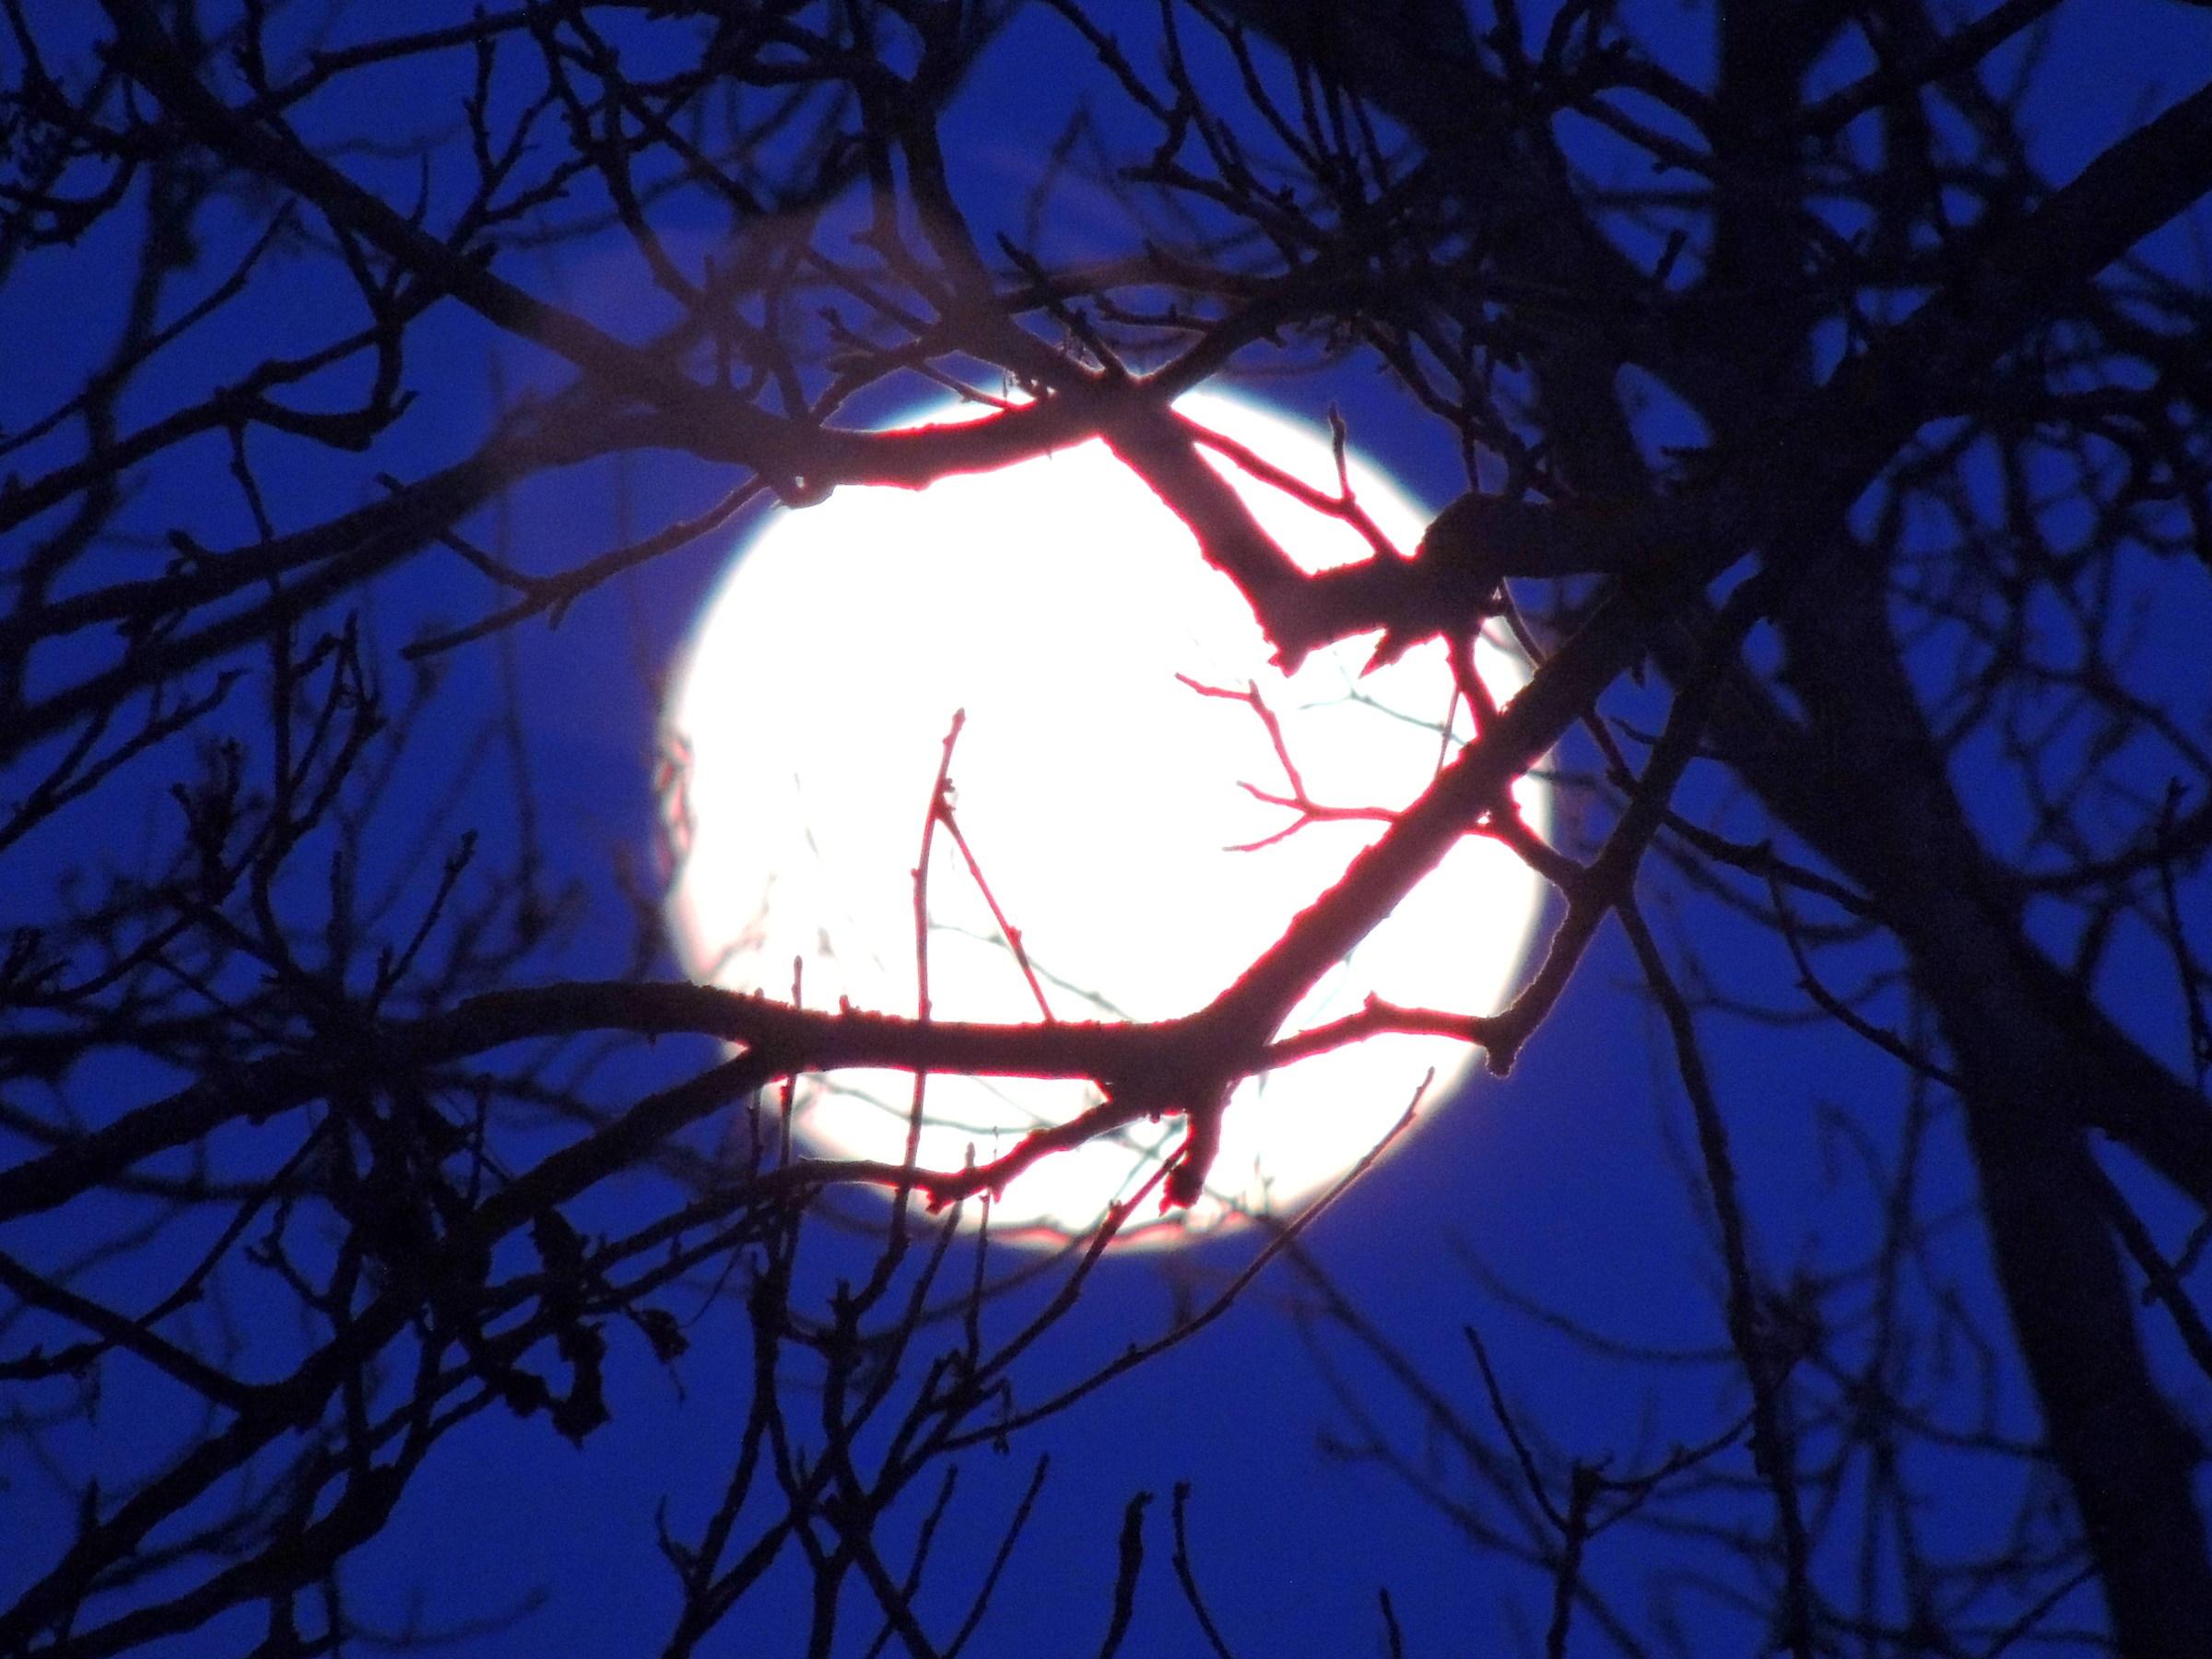 full moon in January...